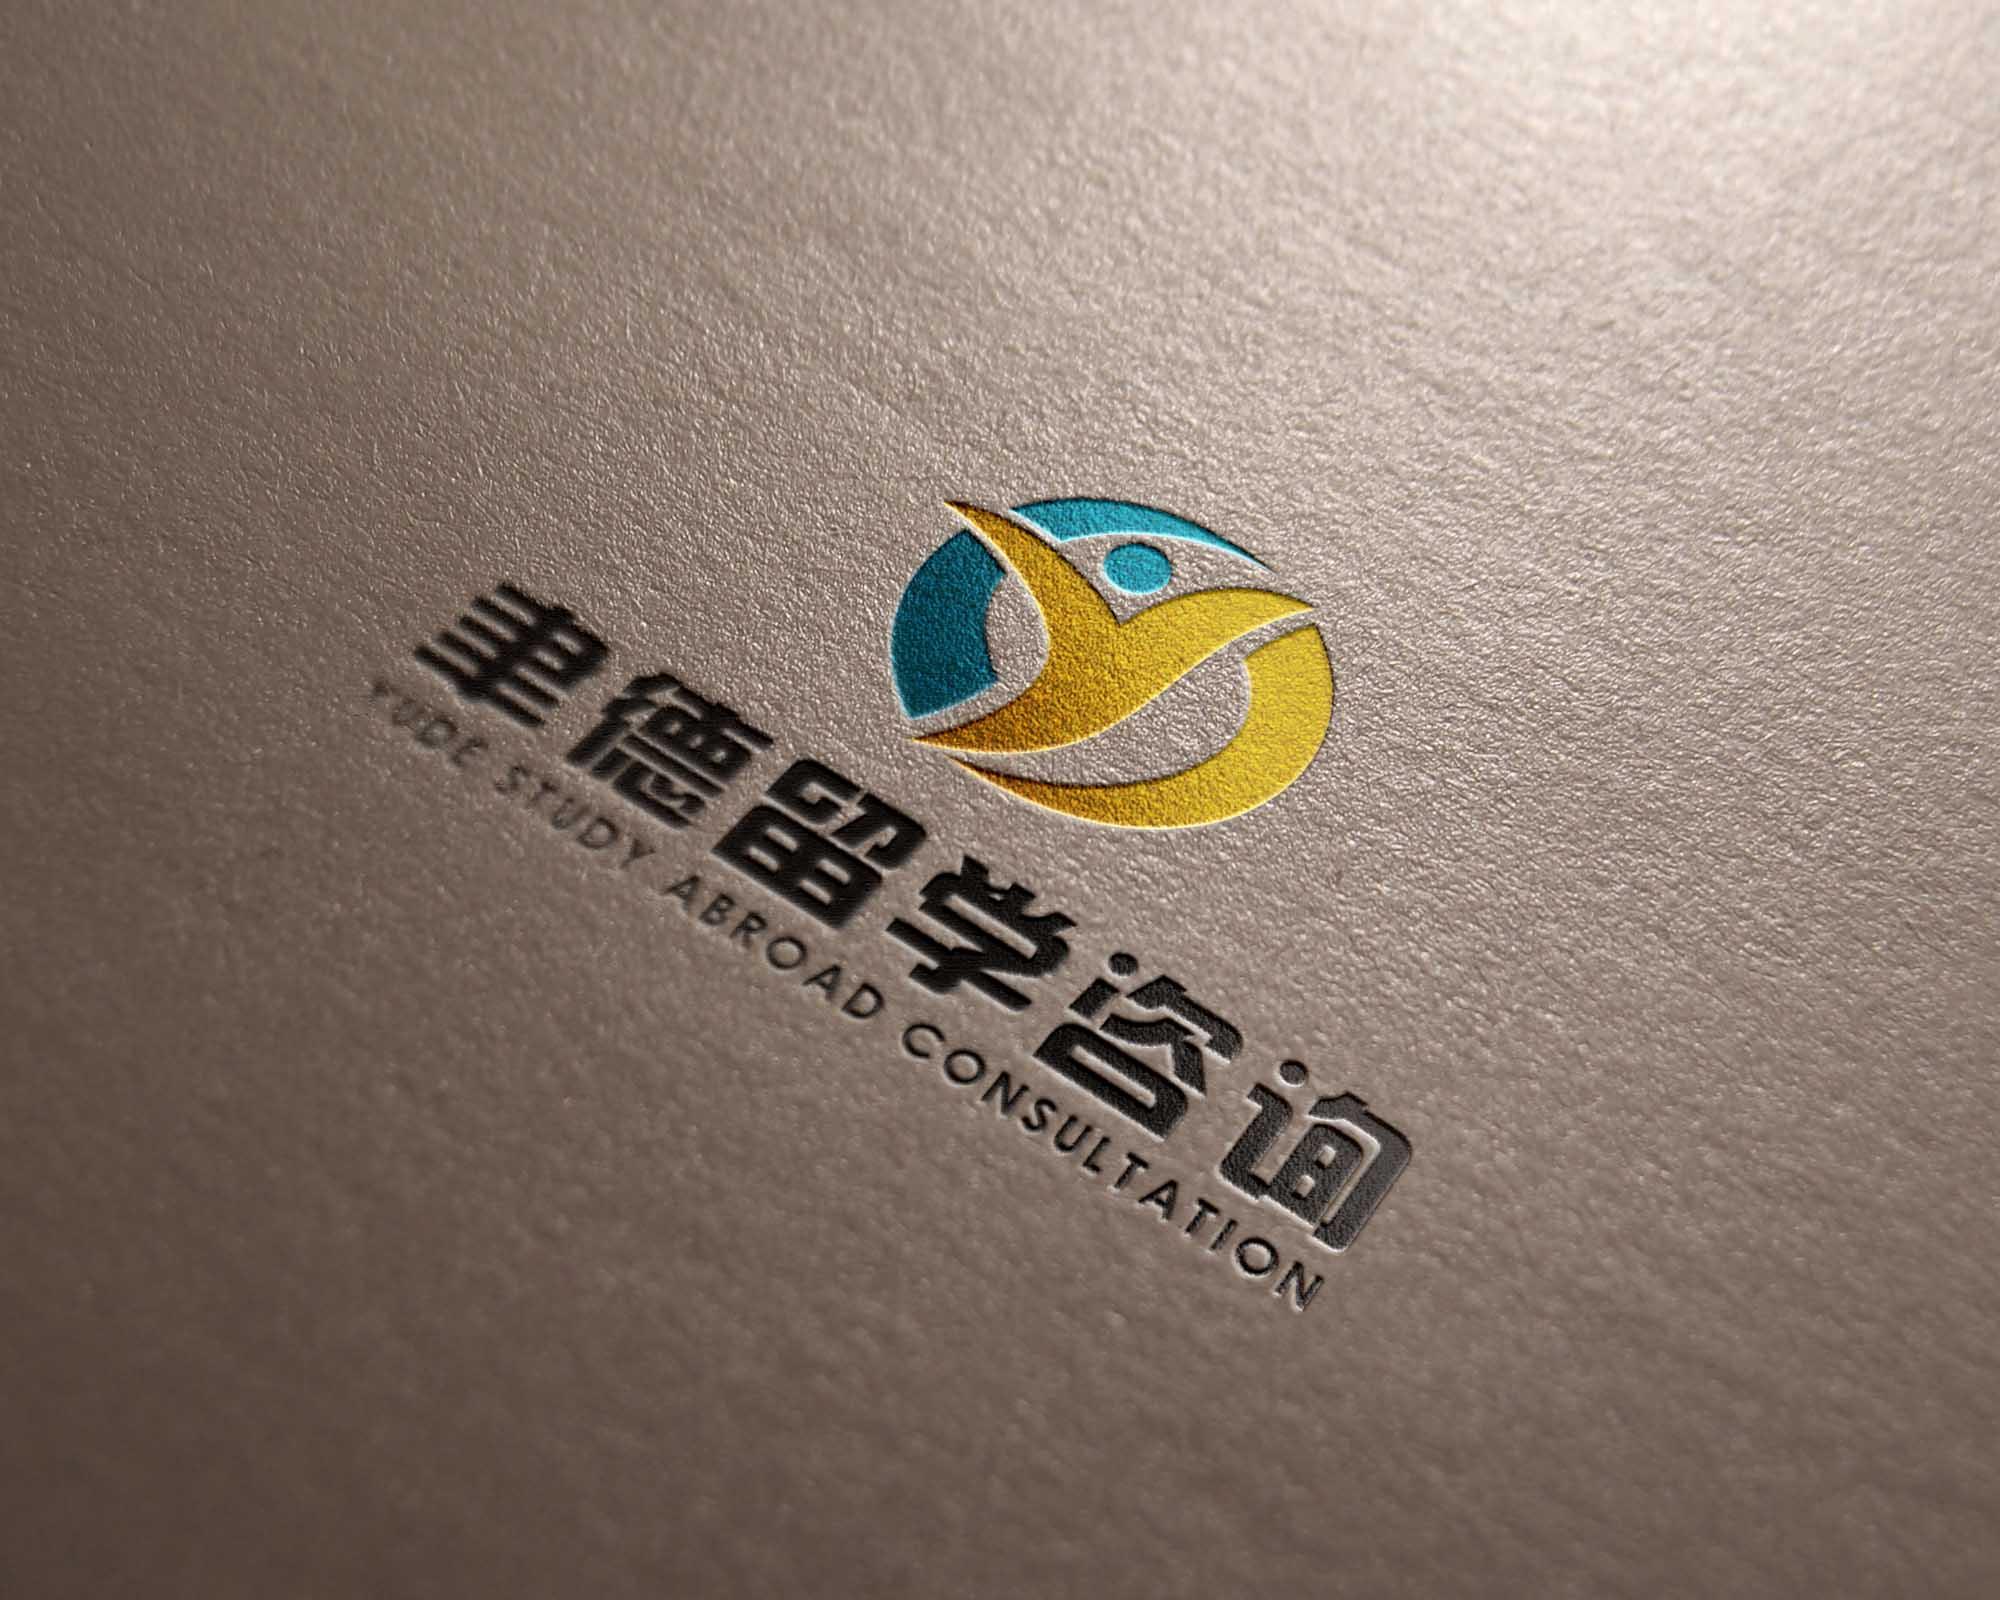 留学咨询公司标志设计_2963967_k68威客网